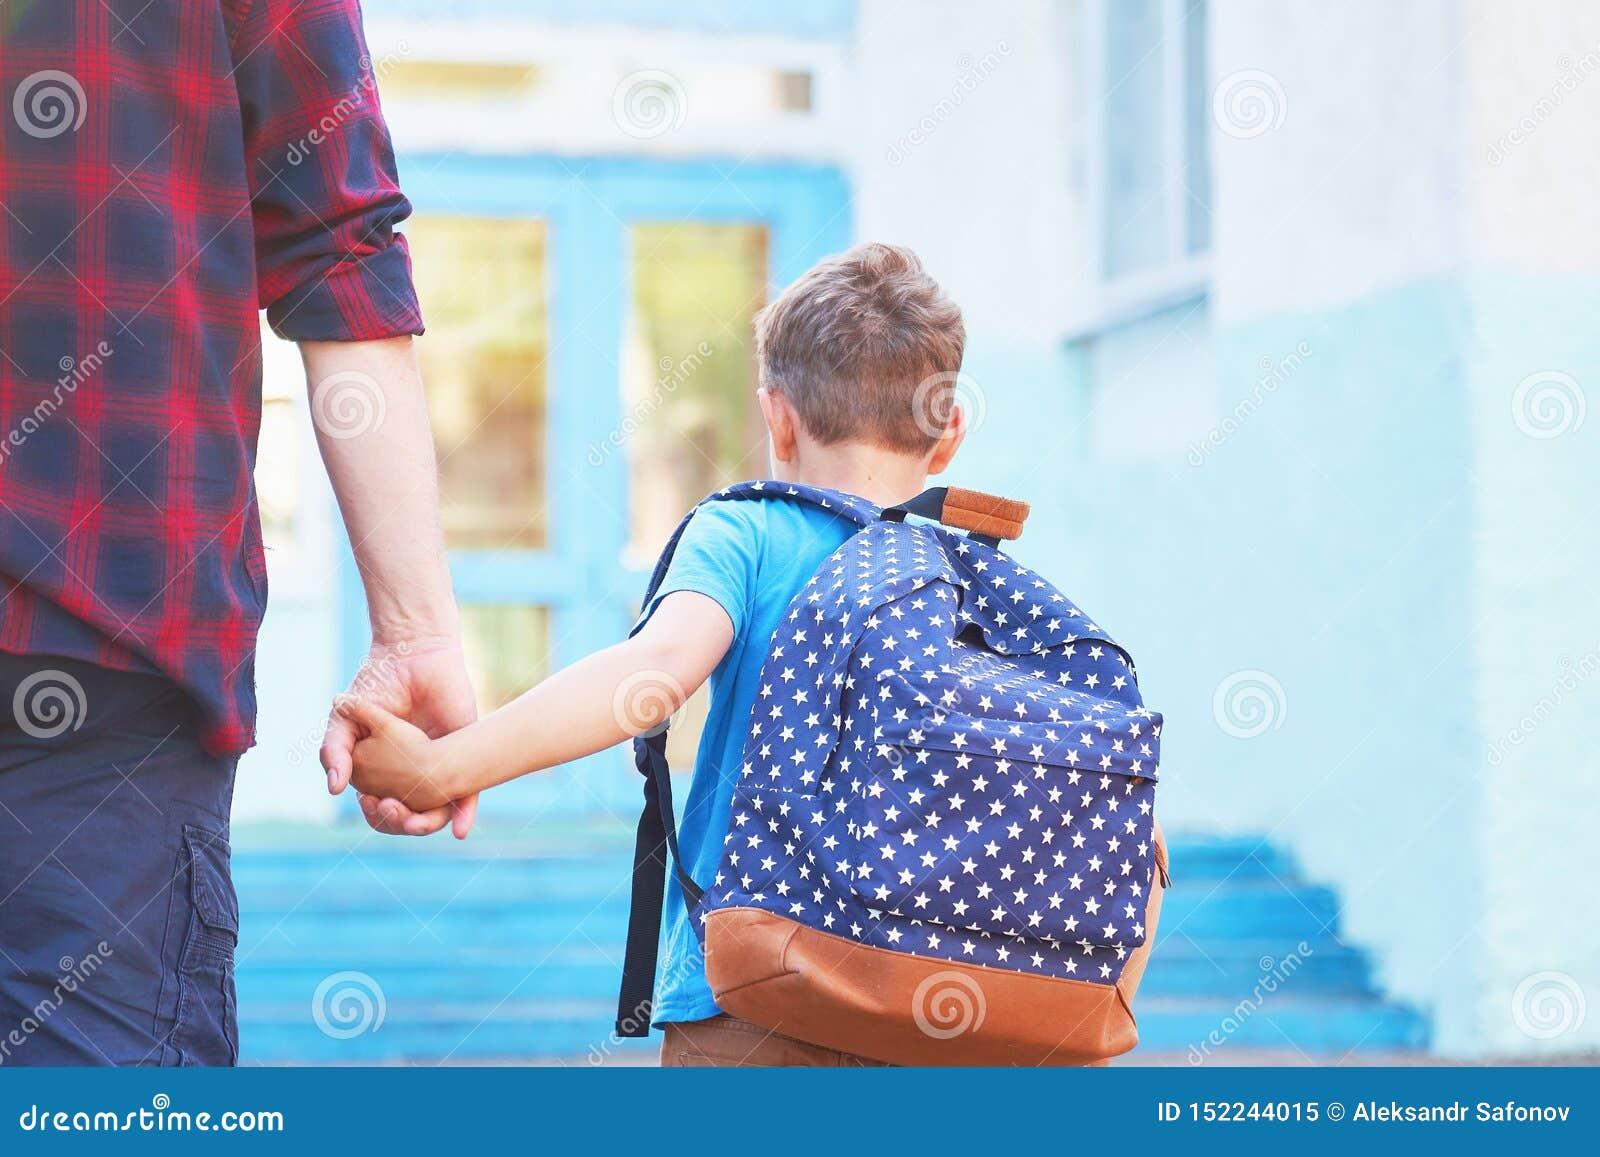 Fadern medföljer barnet till skola en man med ett barn som tas bort från baksidan doting farsa som rymmer handen av hennes son so